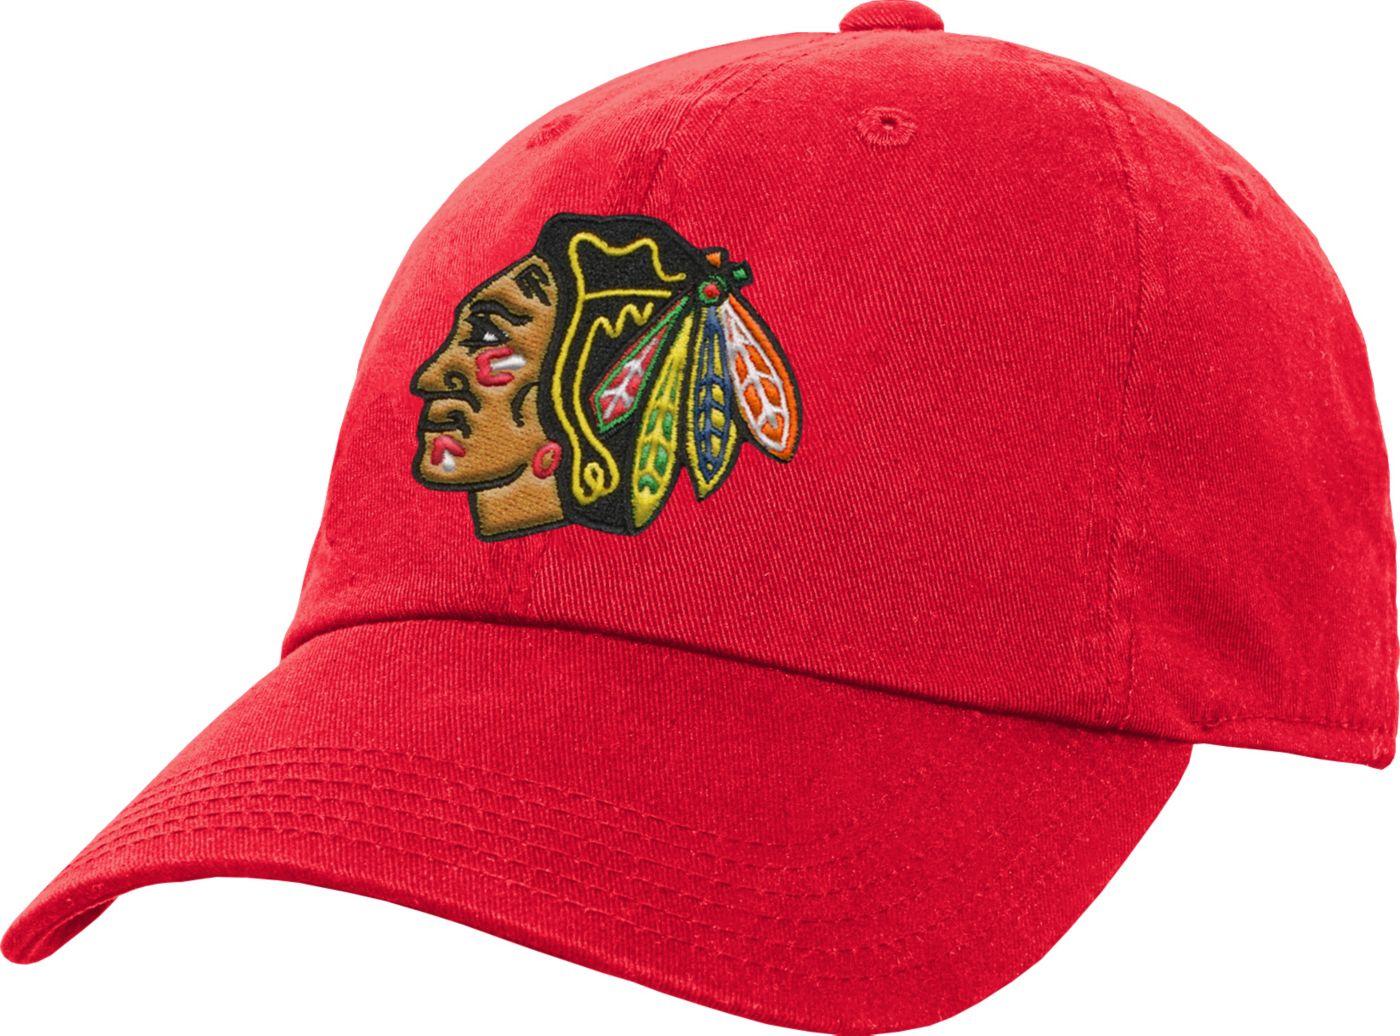 NHL Youth Chicago Blackhawks Basic Adjustable Hat